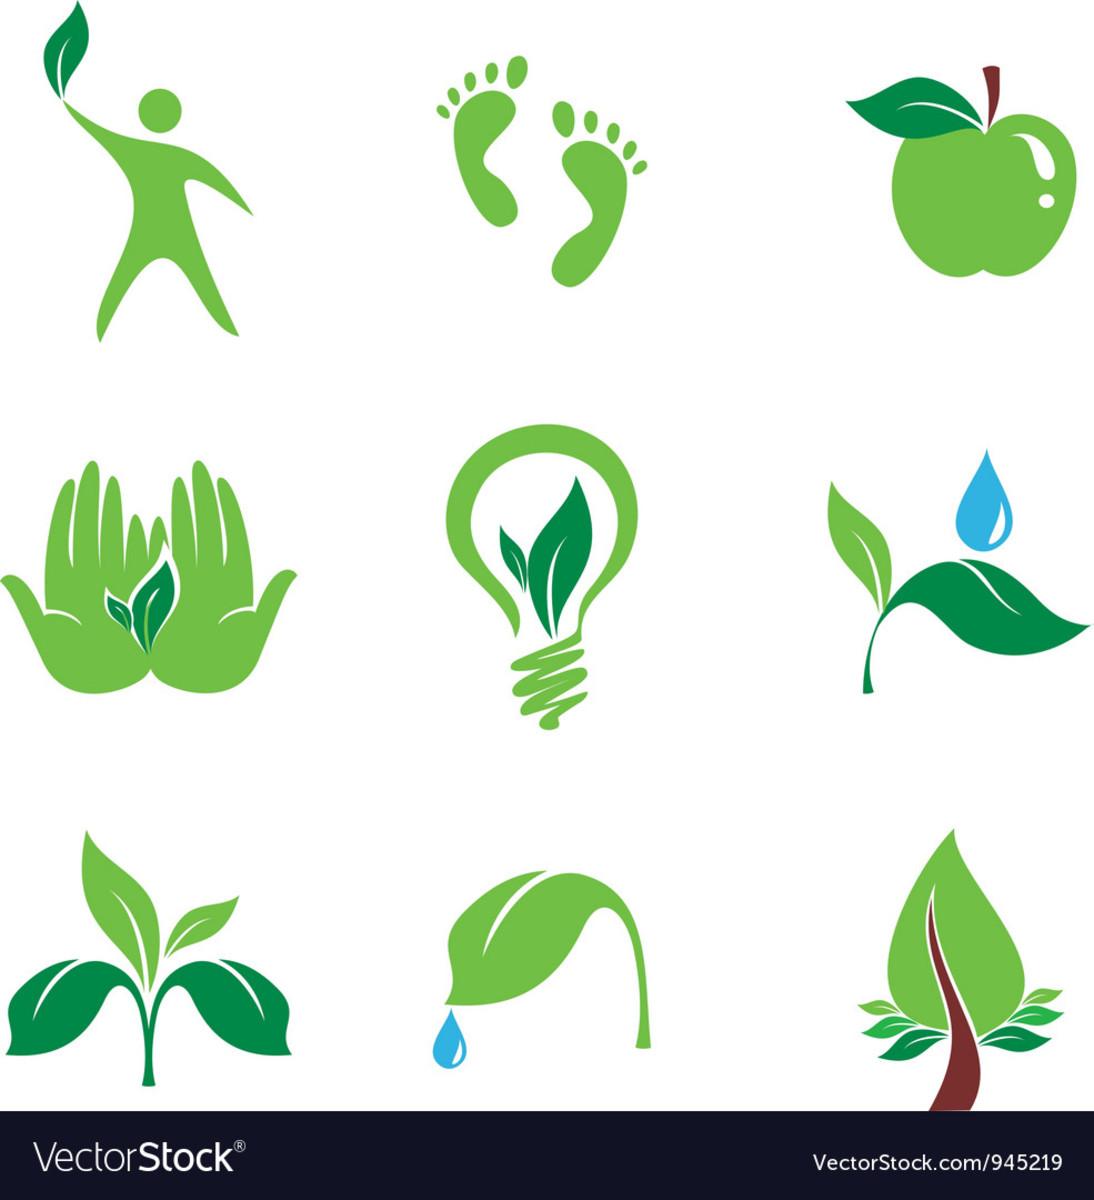 Symbols of Nature